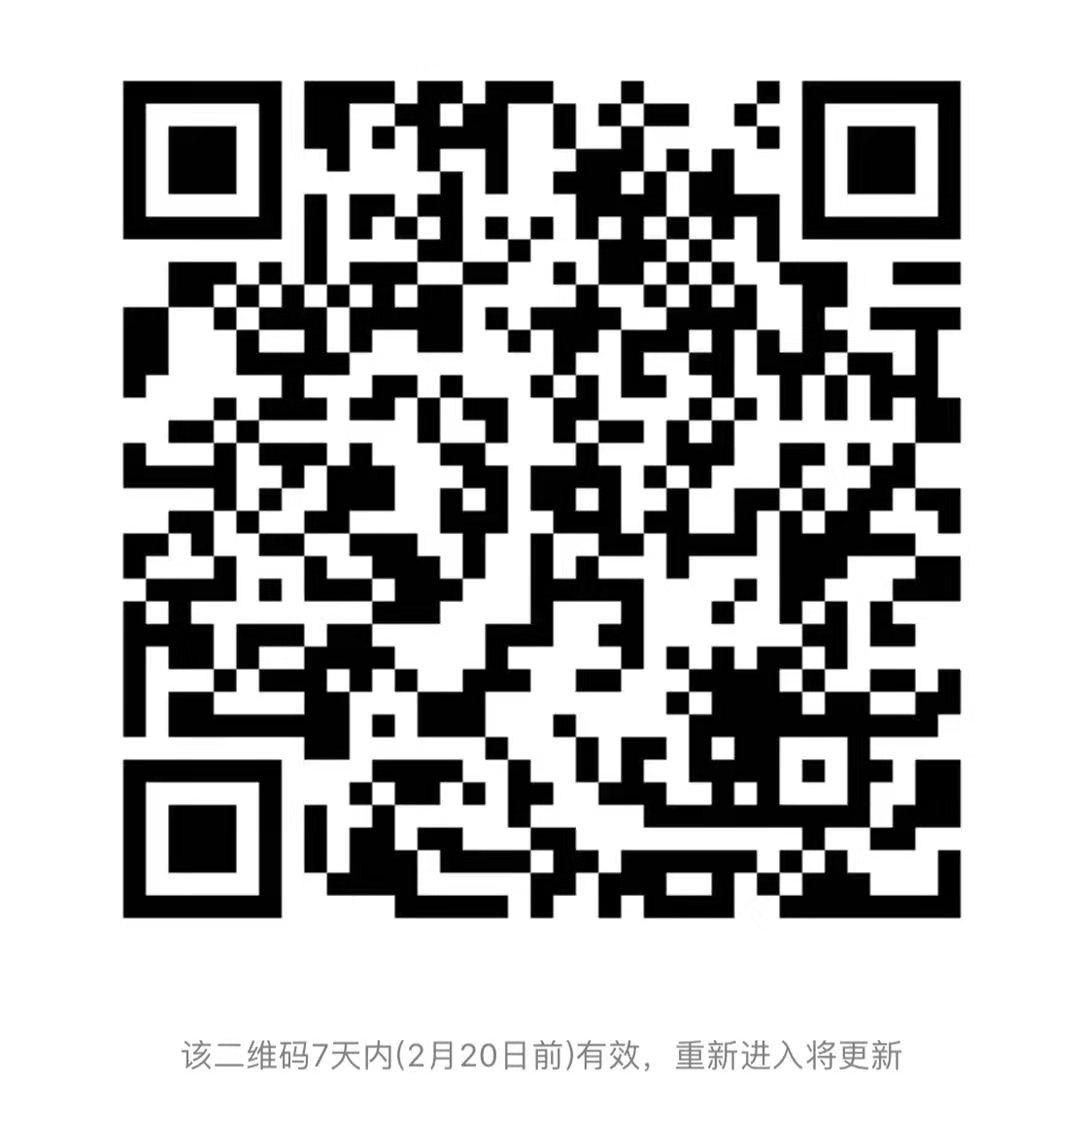 微信图片_20200213175038.jpg